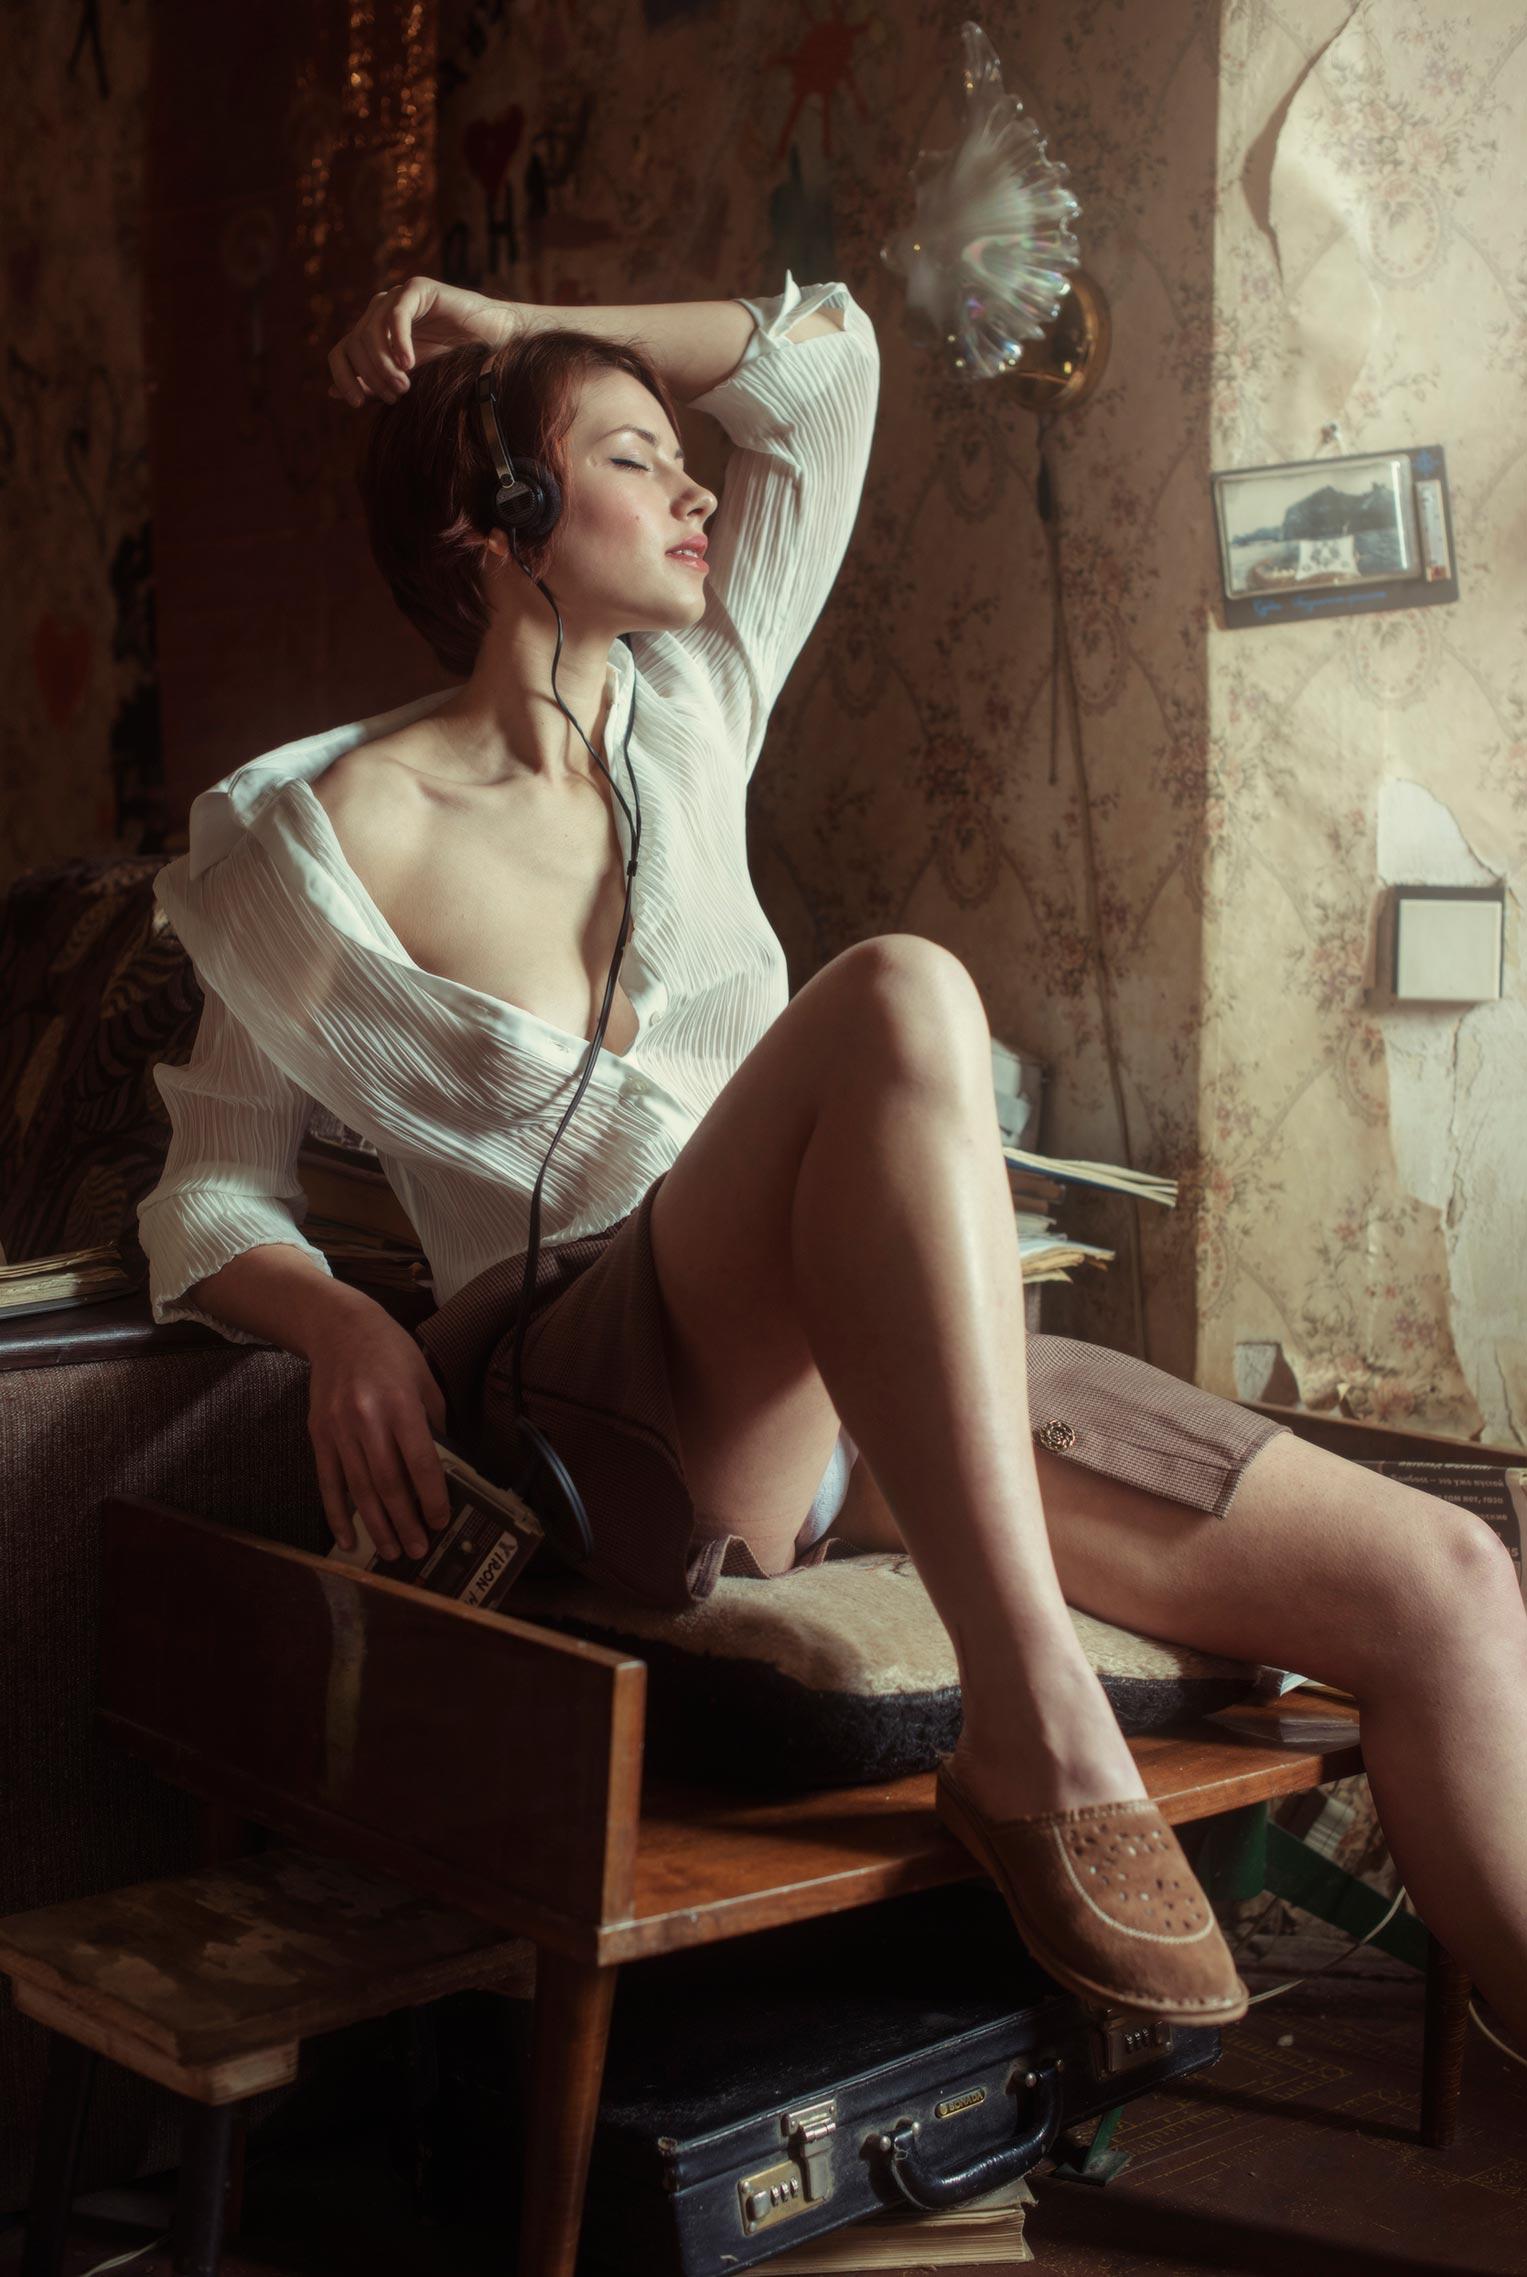 Сексуальная фотомодель Sophie la Sage в интерьерах старой советской квартиры / фото 02